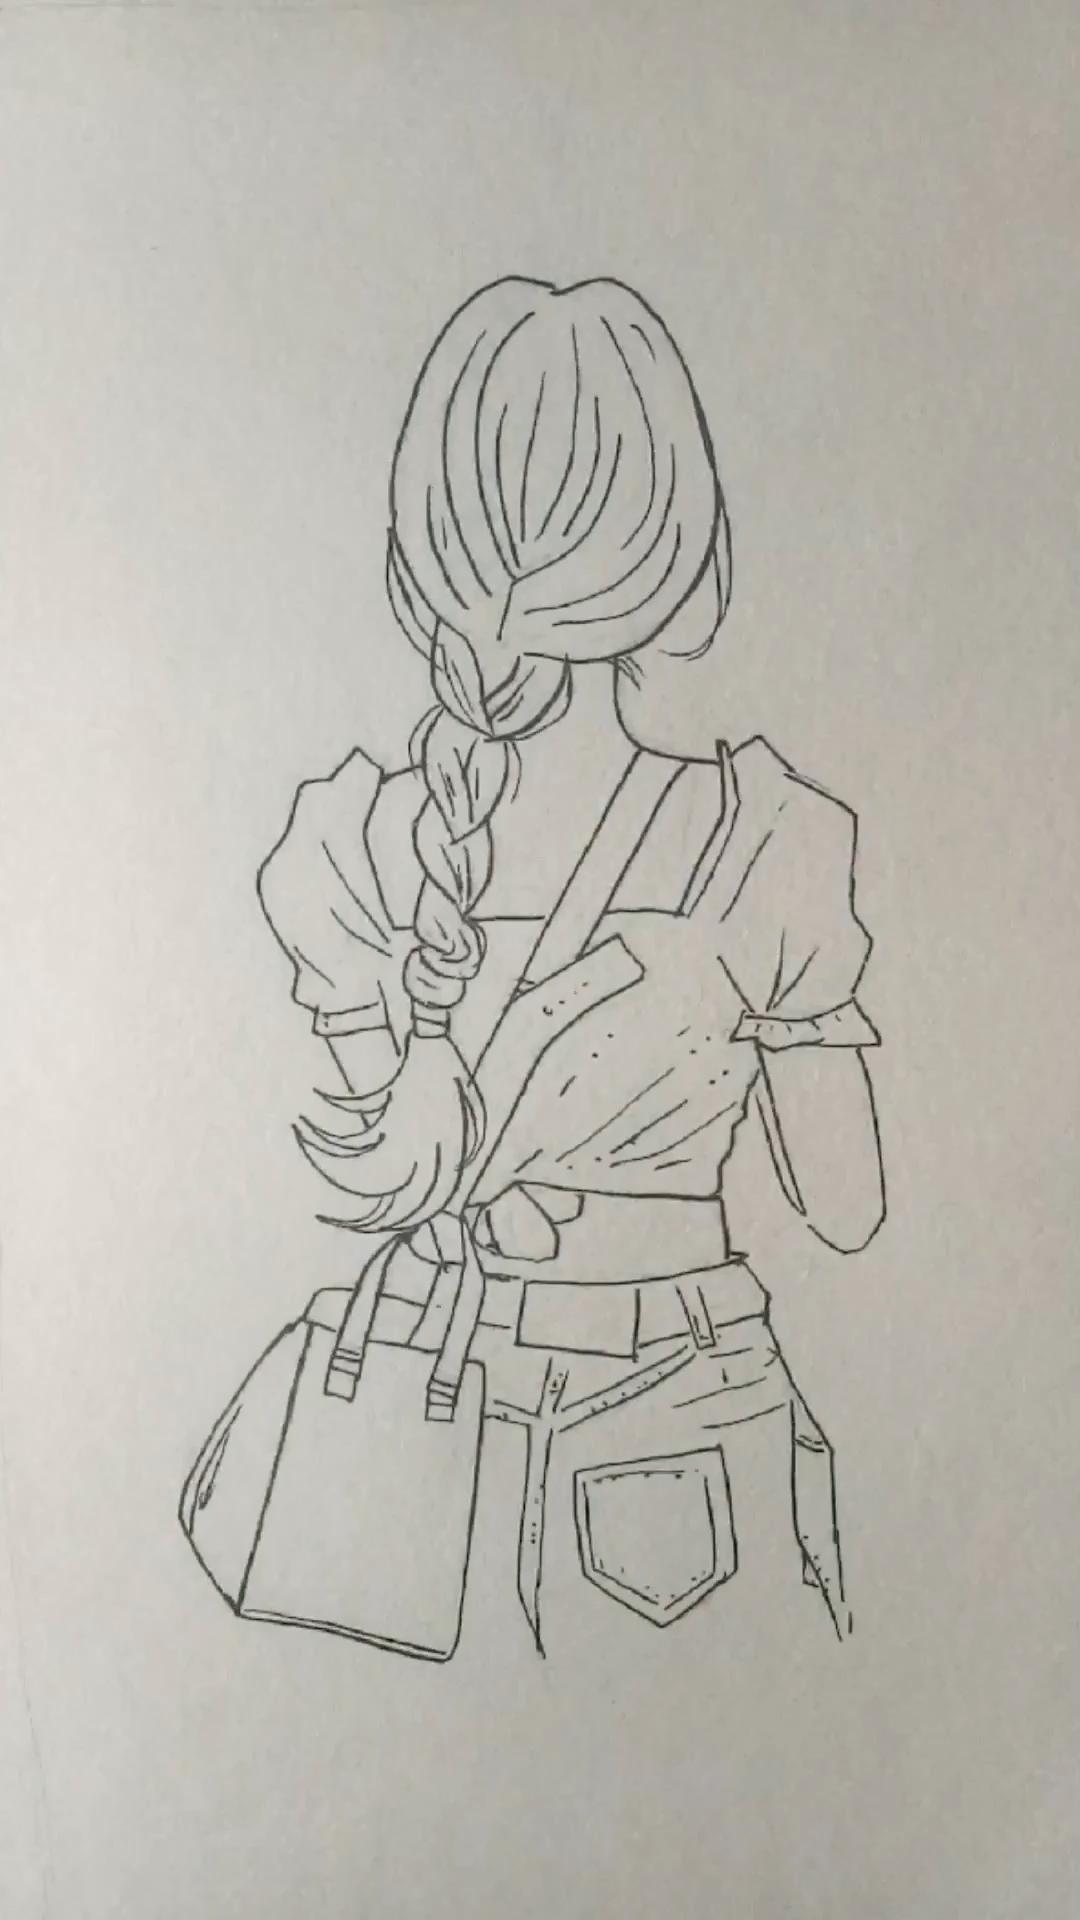 Anleitung: Mädchen zeichnen und ausmalen